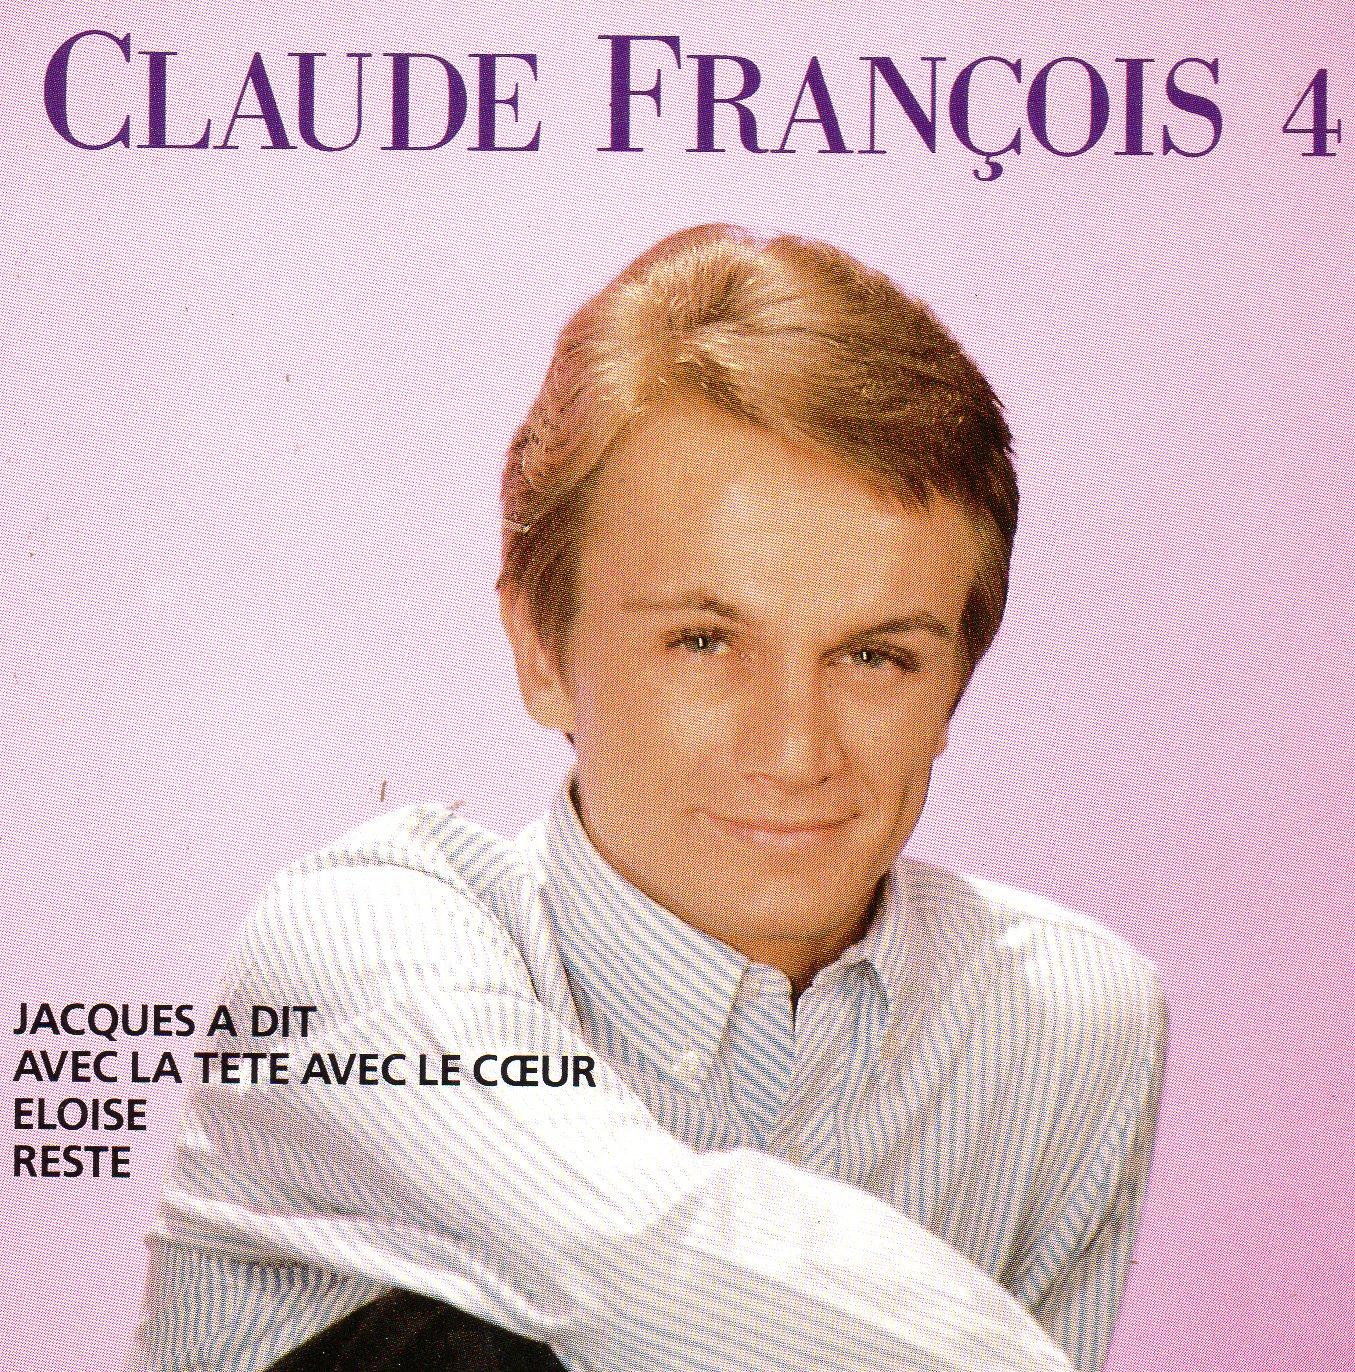 CLAUDE FRANÇOIS - Vol 4 -  Jacques a dit - CD